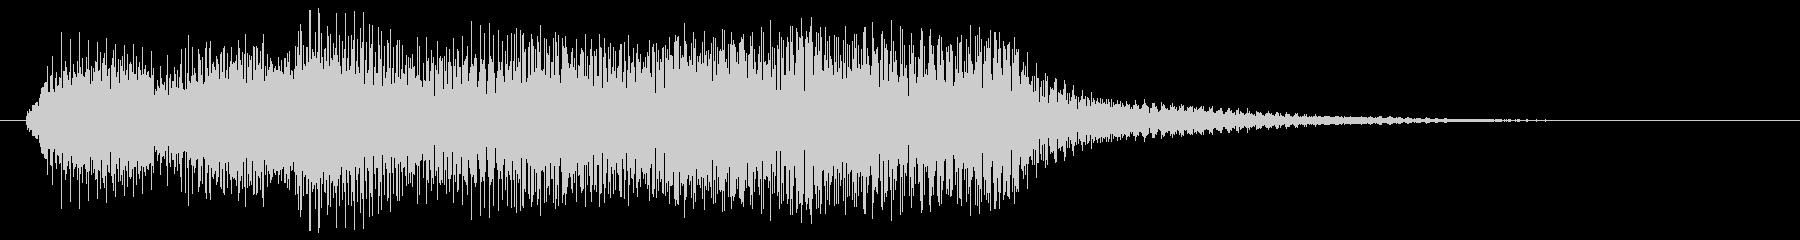 ゲームクリアや正解 ラッパ アクセント音の未再生の波形